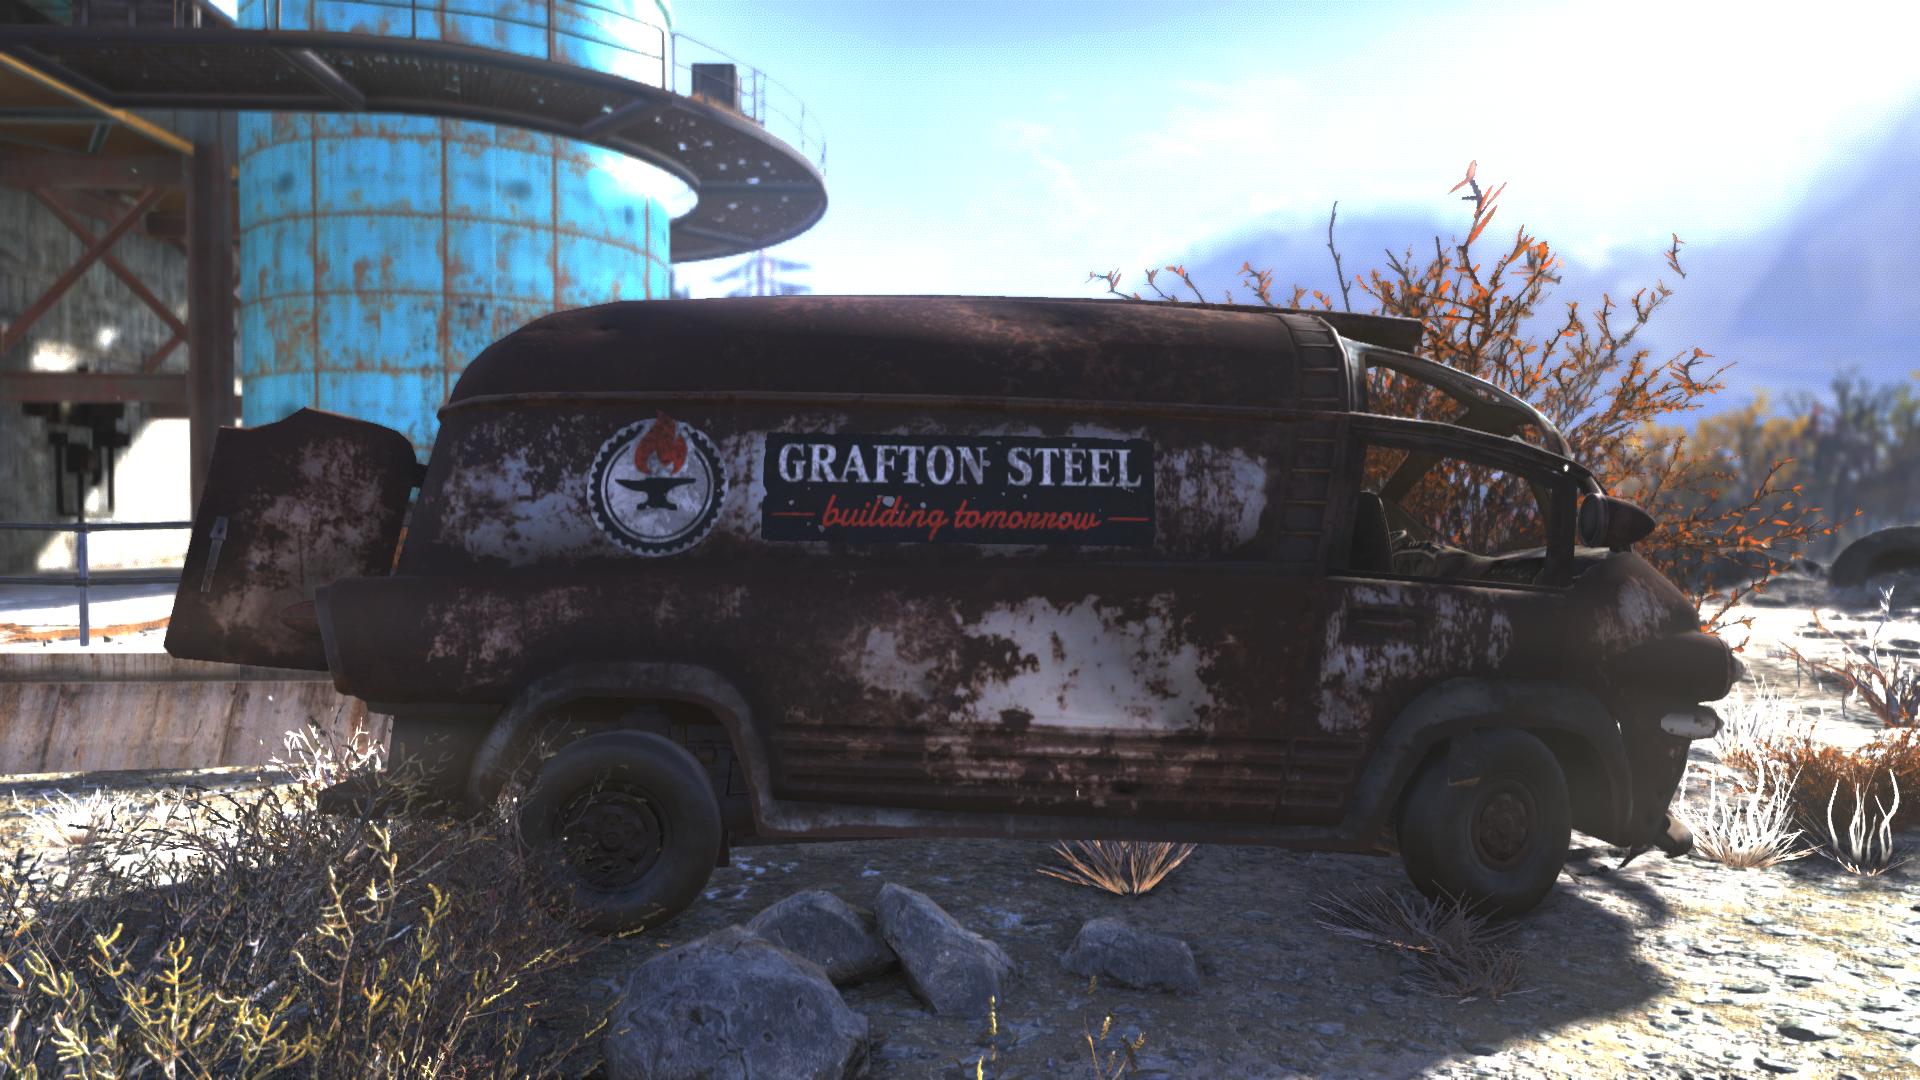 Grafton Steel truck